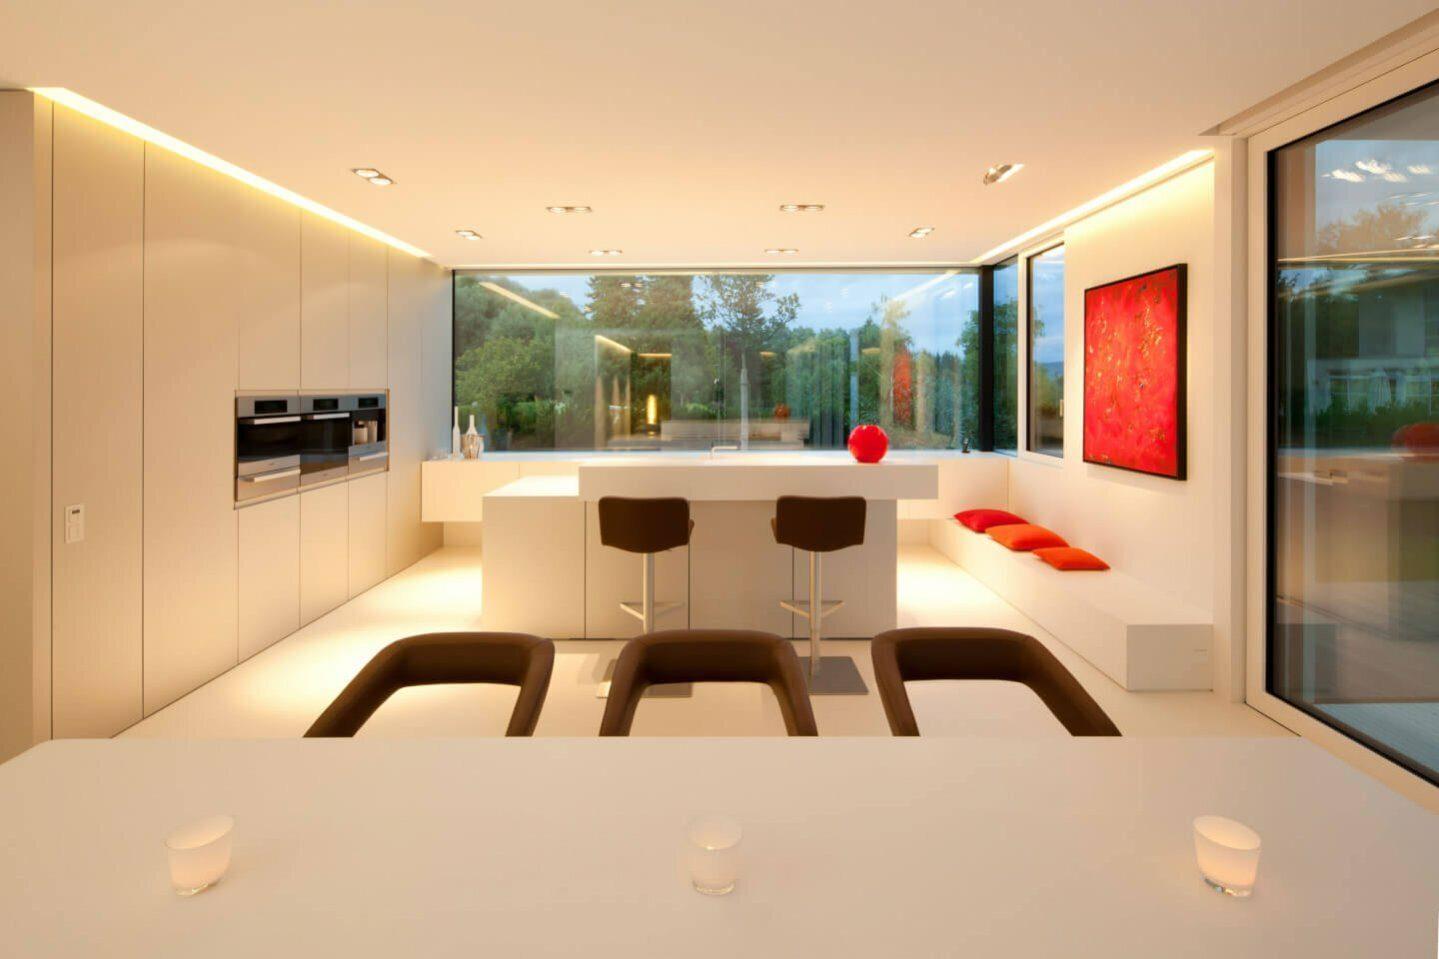 home-interior-lights-awesome-home-interior-lighting-3-home-design-home-design-of-home-interior-lights